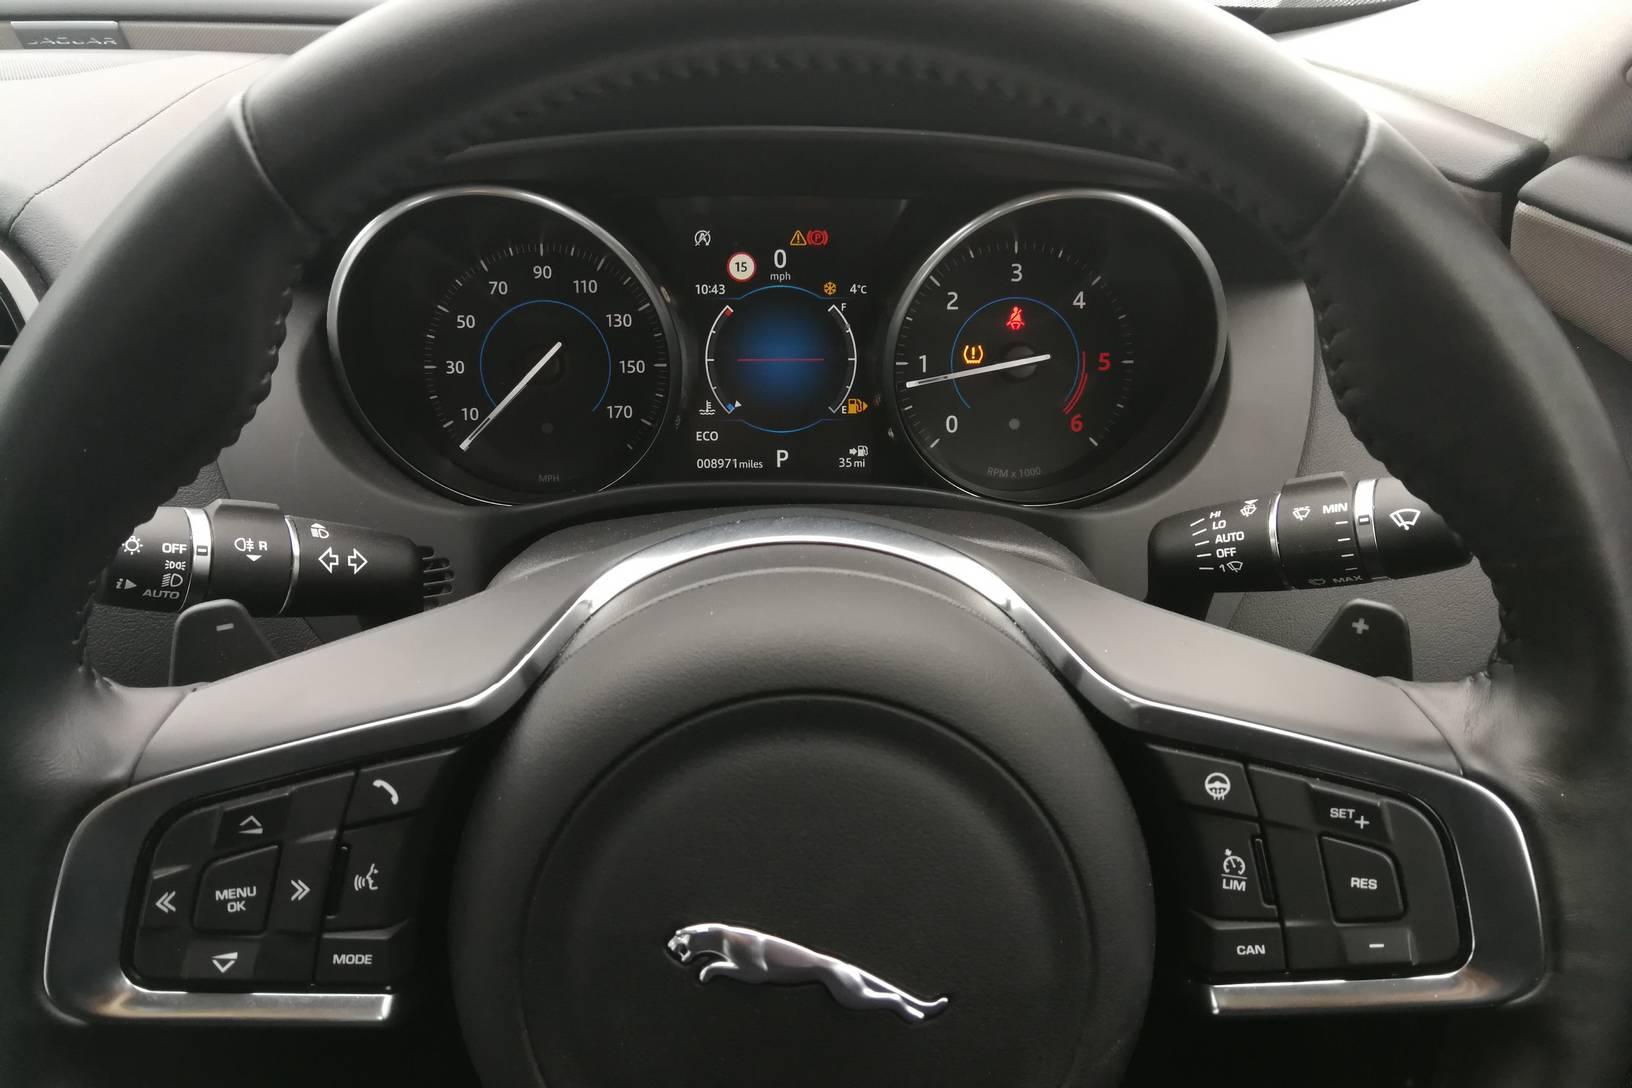 Jaguar XE 2.0d [180] Portfolio image 10